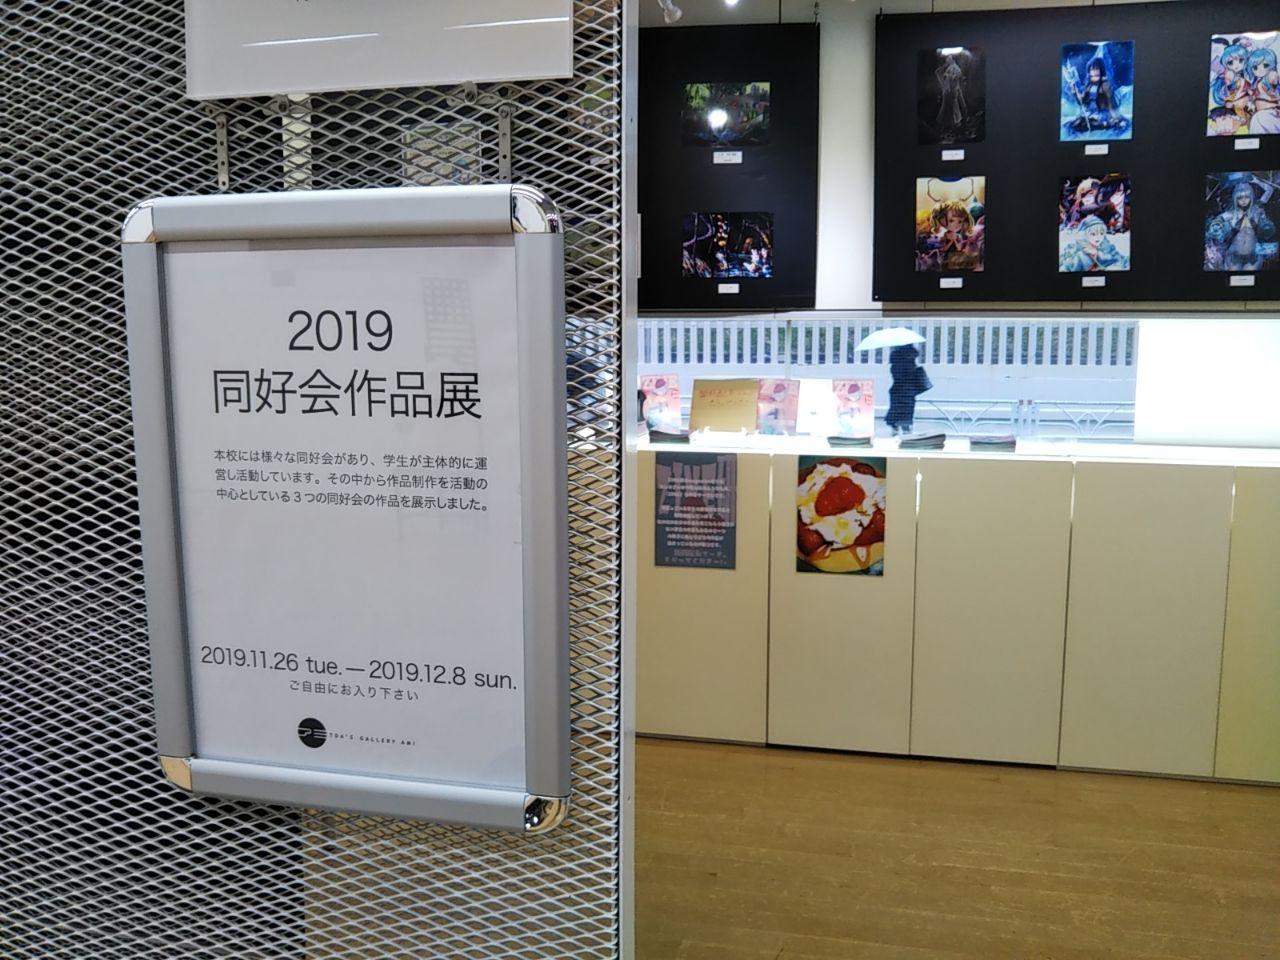 2019同好会作品展開催中!